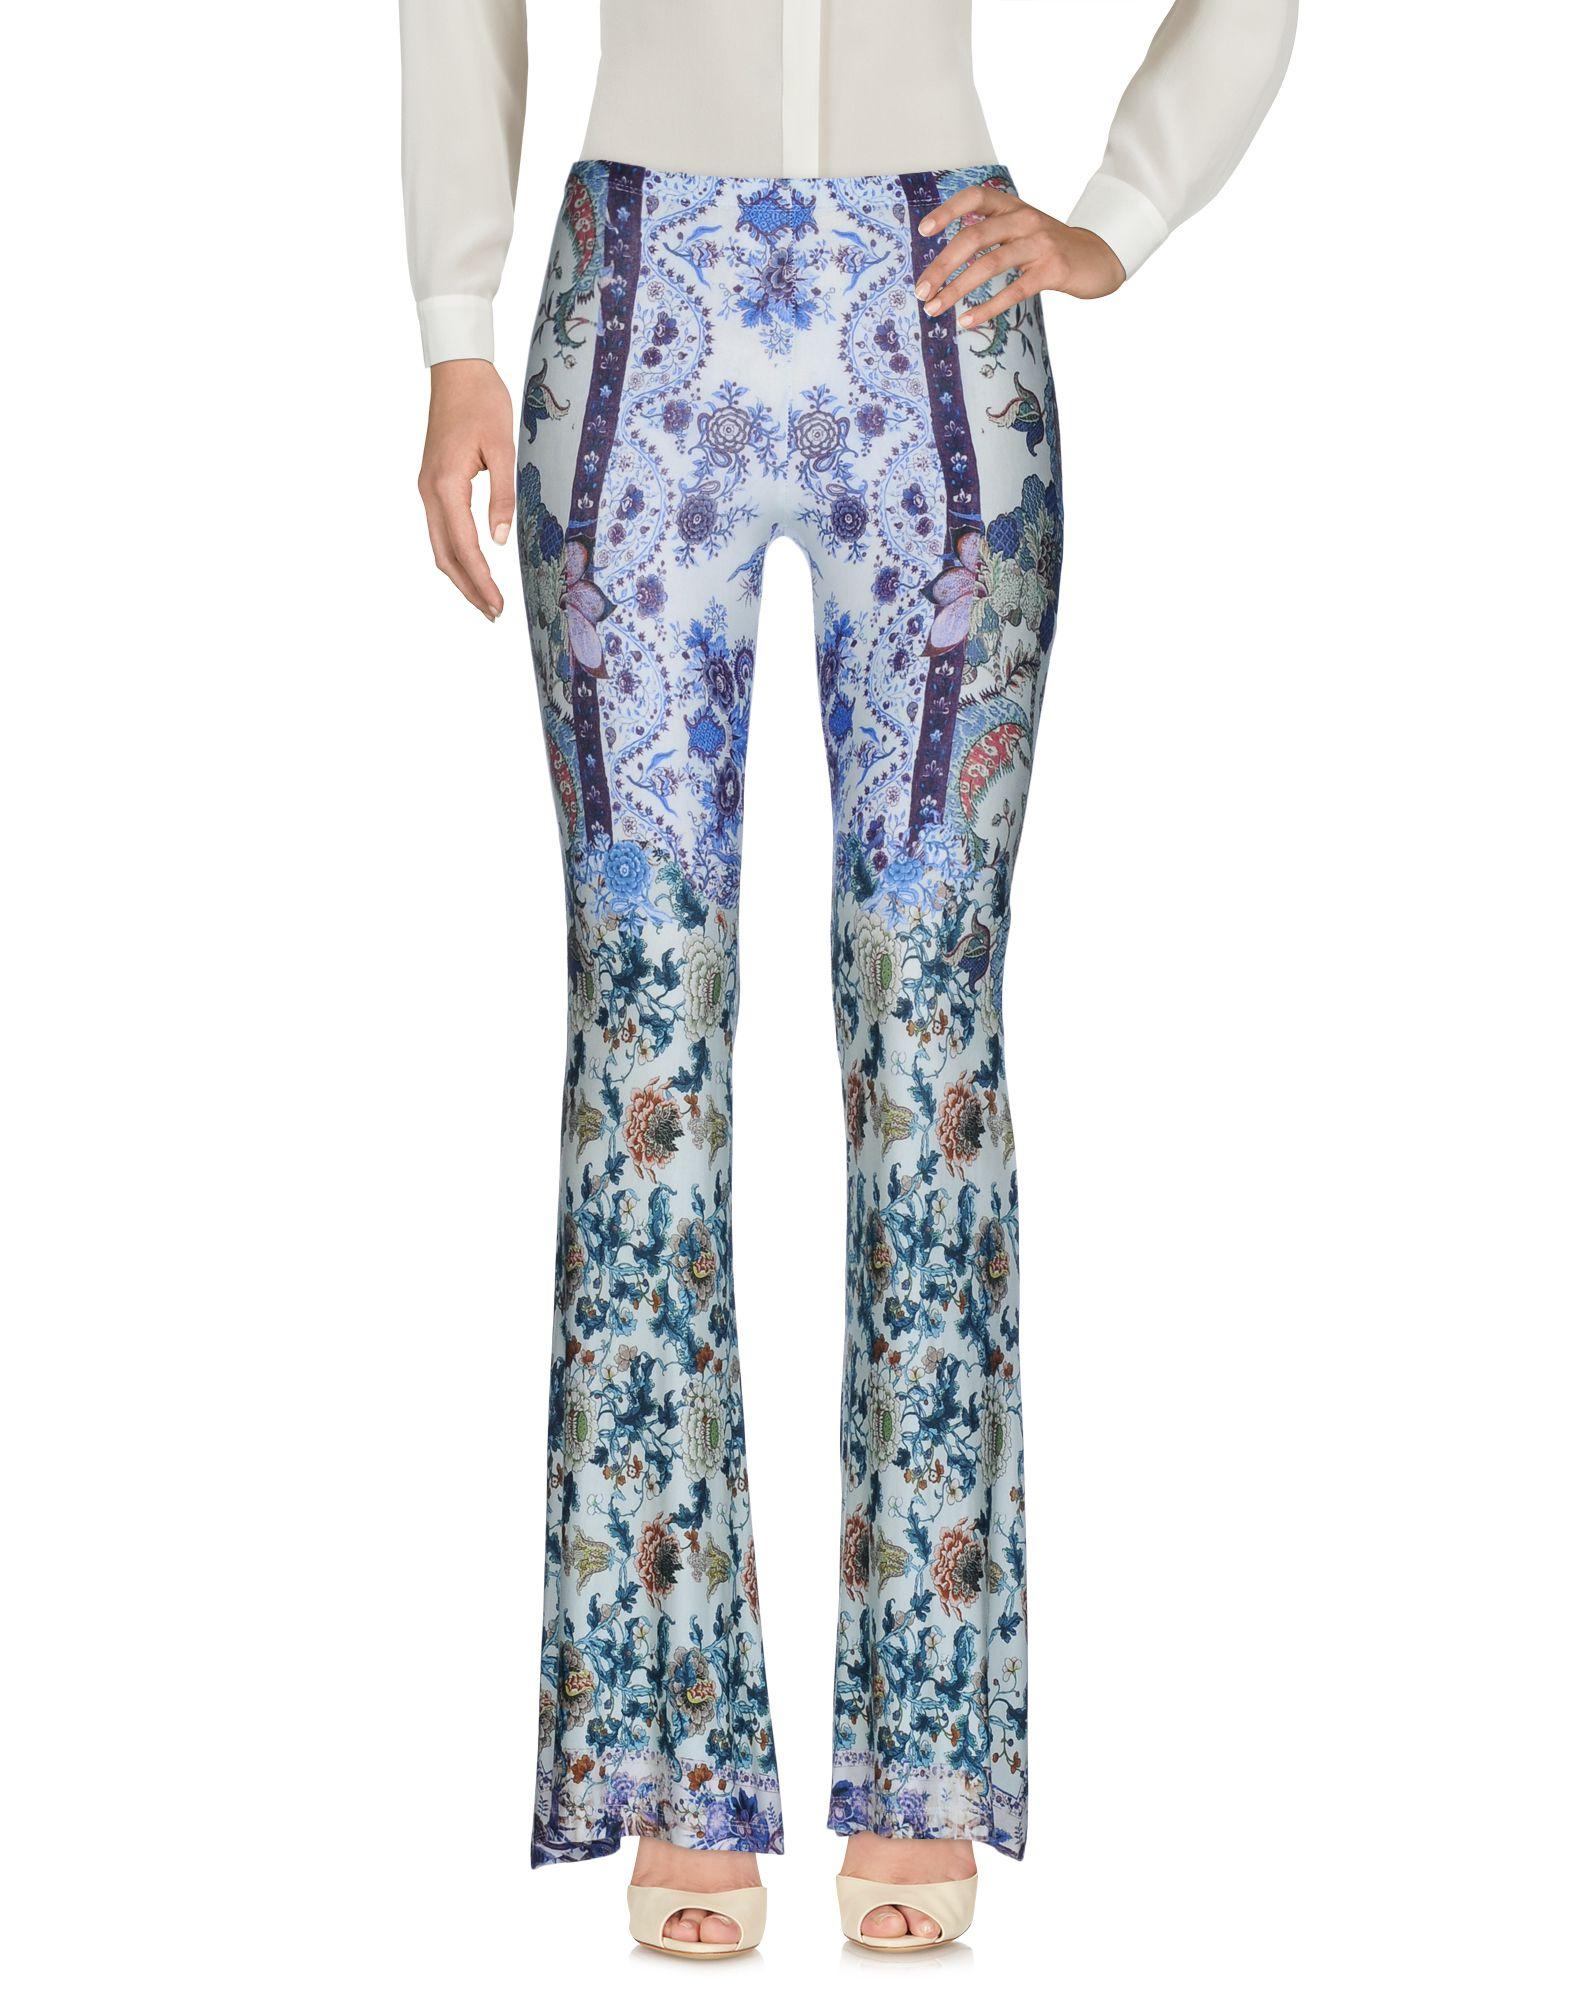 Pantalone Black Coral Donna - Acquista online su Q2Knrq